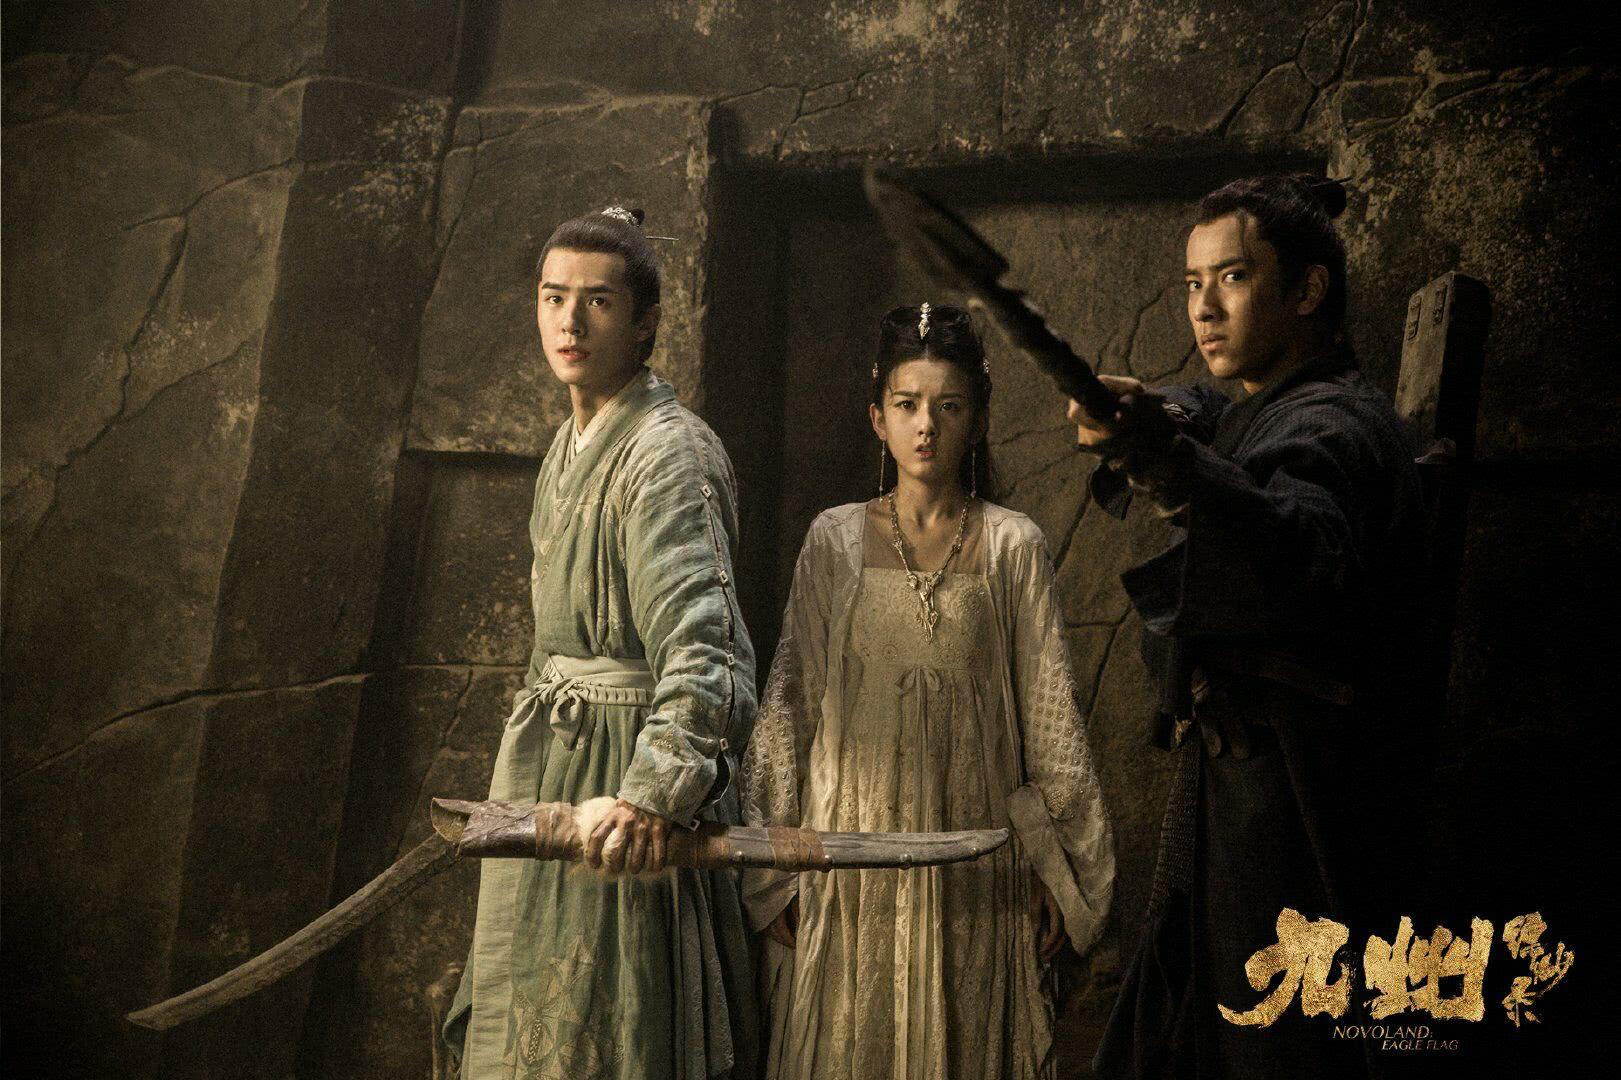 《九州缥缈录》中他让张丰毅羡慕,虽演配角,但有国家正高级待遇